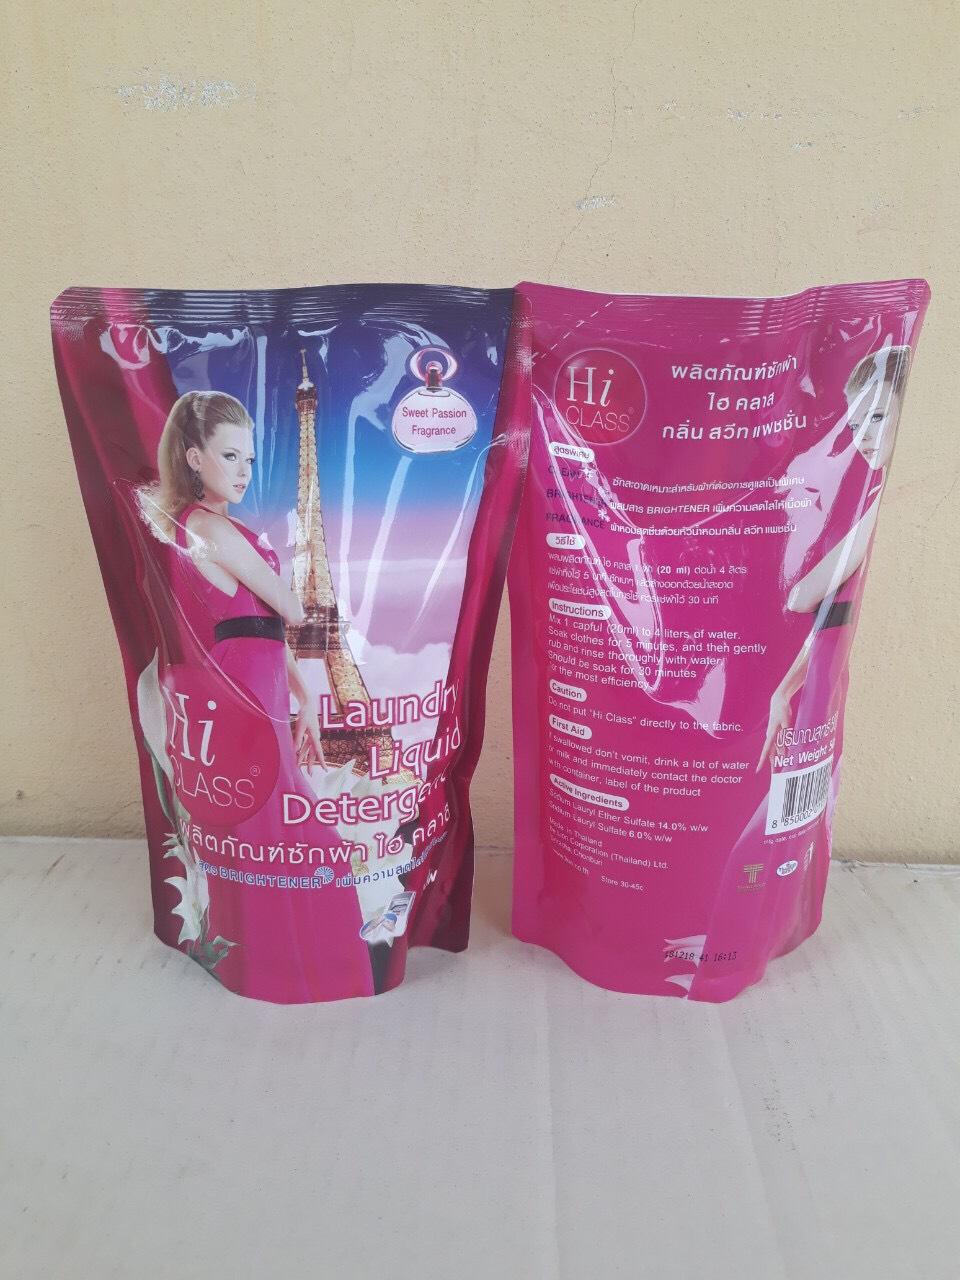 Nước giặt hiclass 500ml (sweet passion - hồng)